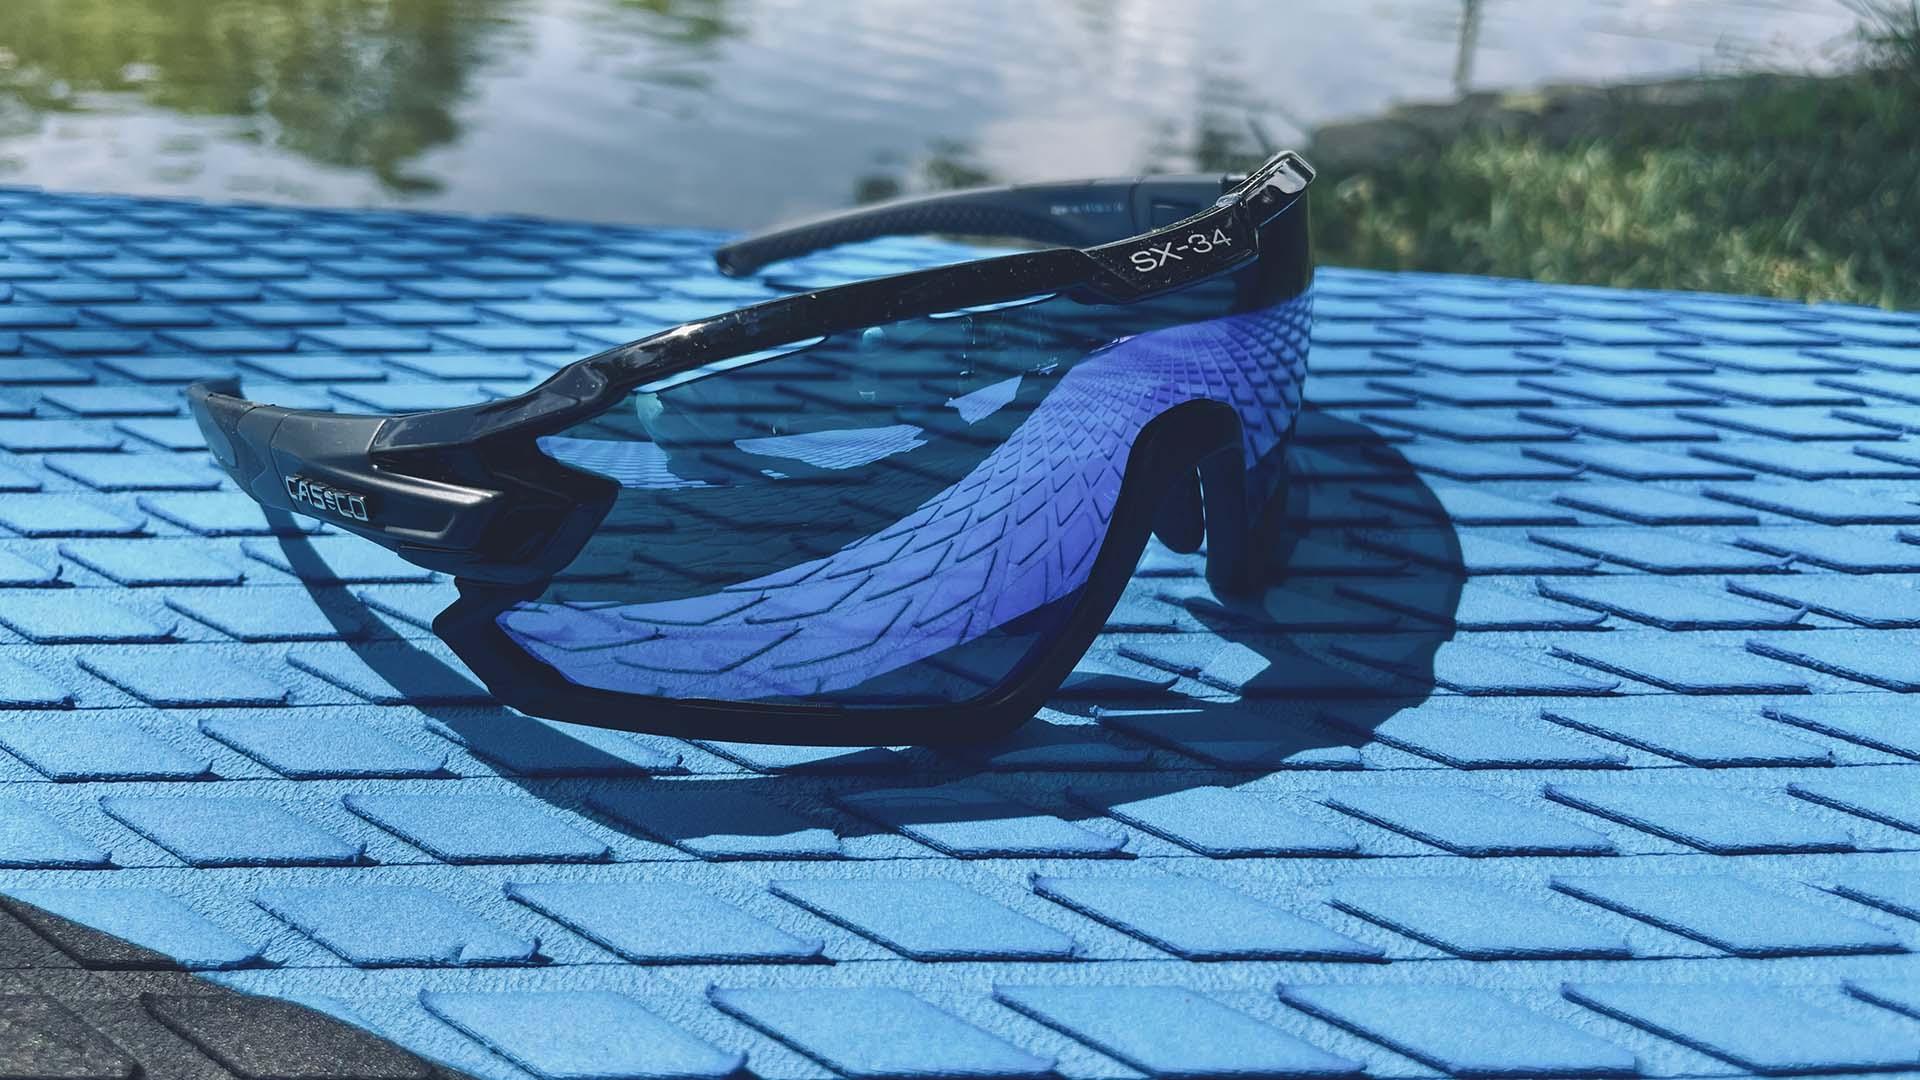 Funkcionális szemüveg sportoláshoz kifejlesztve: Casco SX-34 sportszemüveg-9